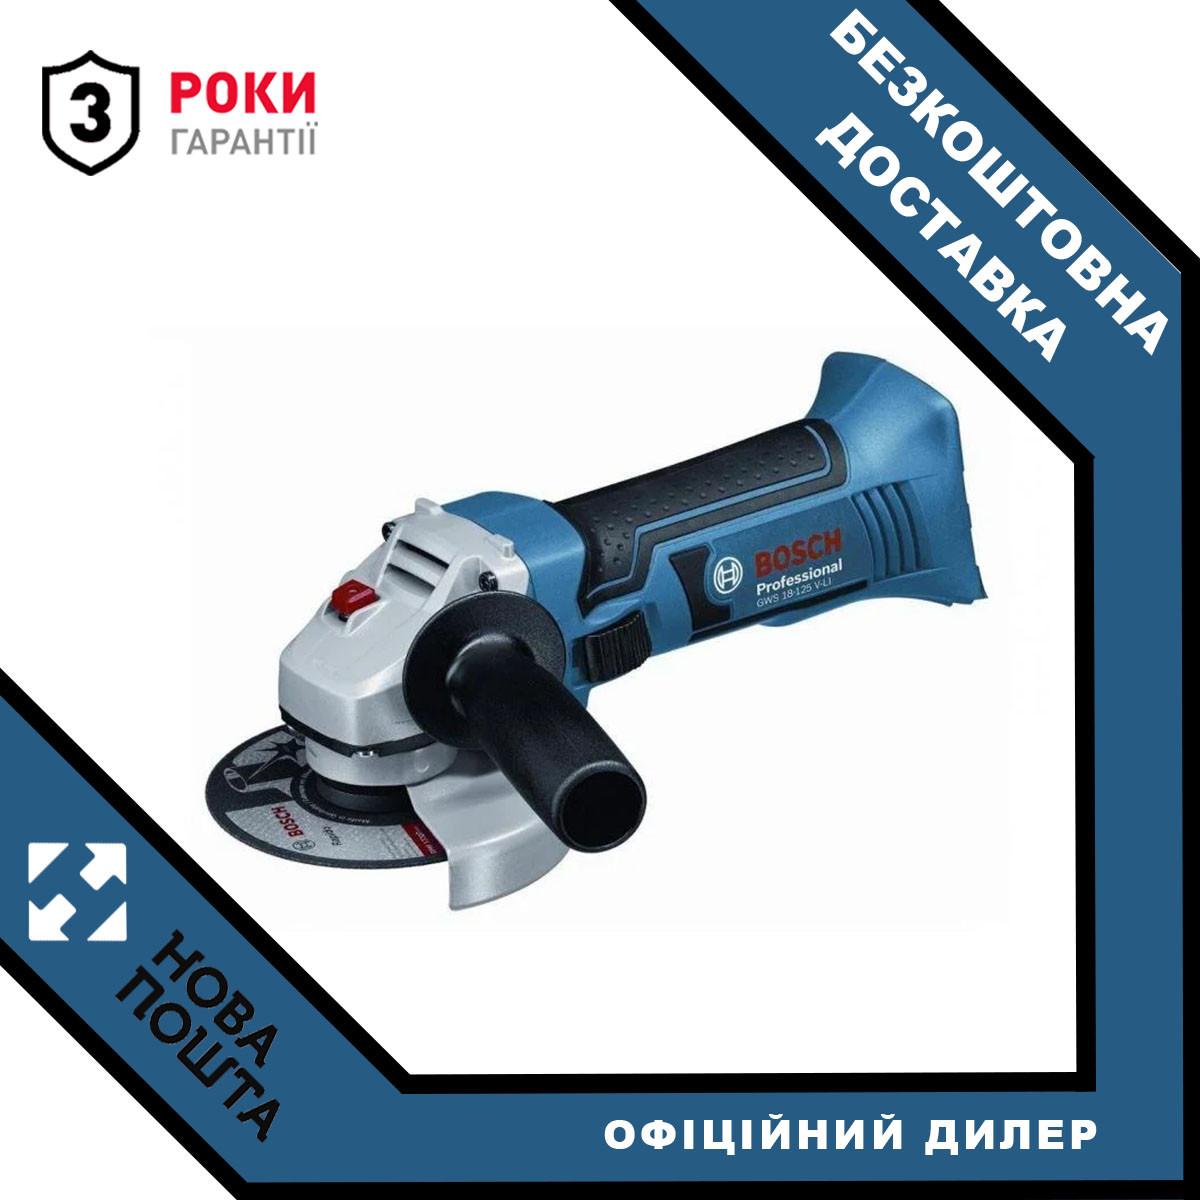 Акумуляторна болгарка Bosch GWS 18-125 V-LI Каркас (060193A307)